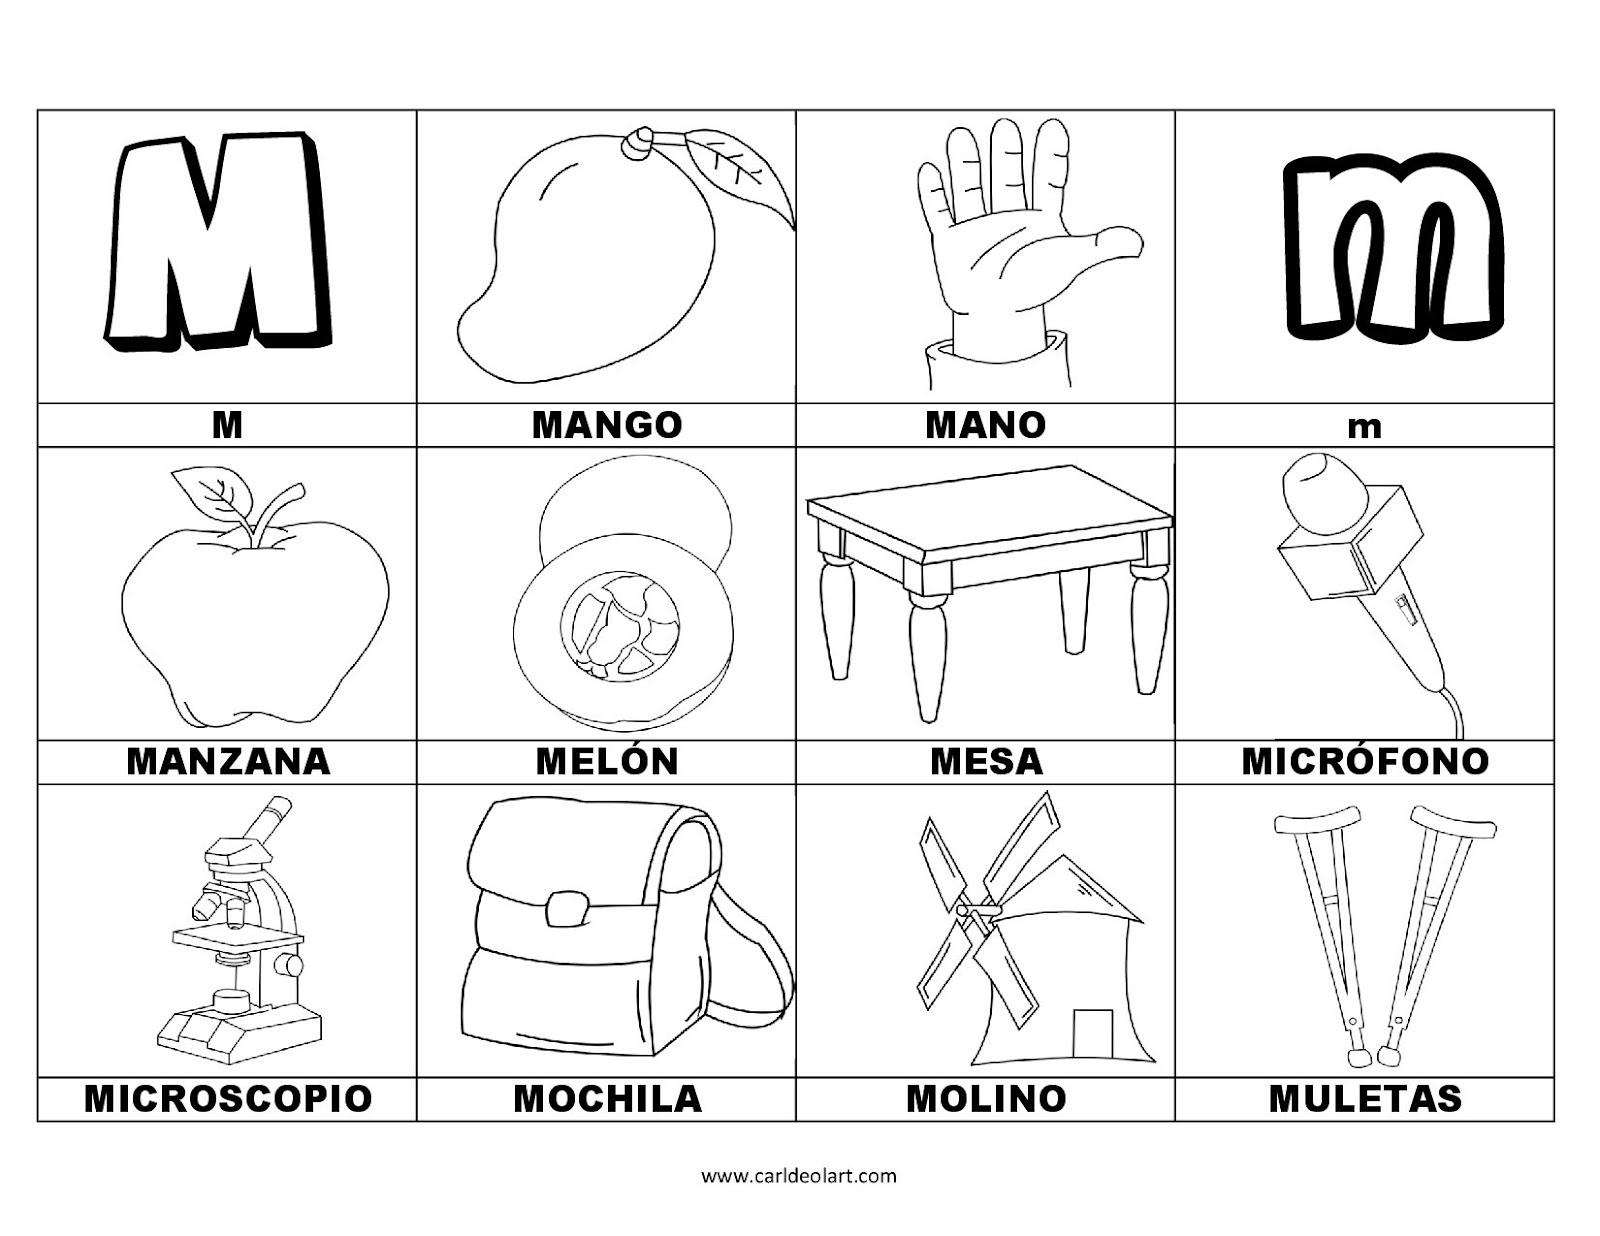 Dibujos Para Colorear Palabras Con M Dibujospacolorear